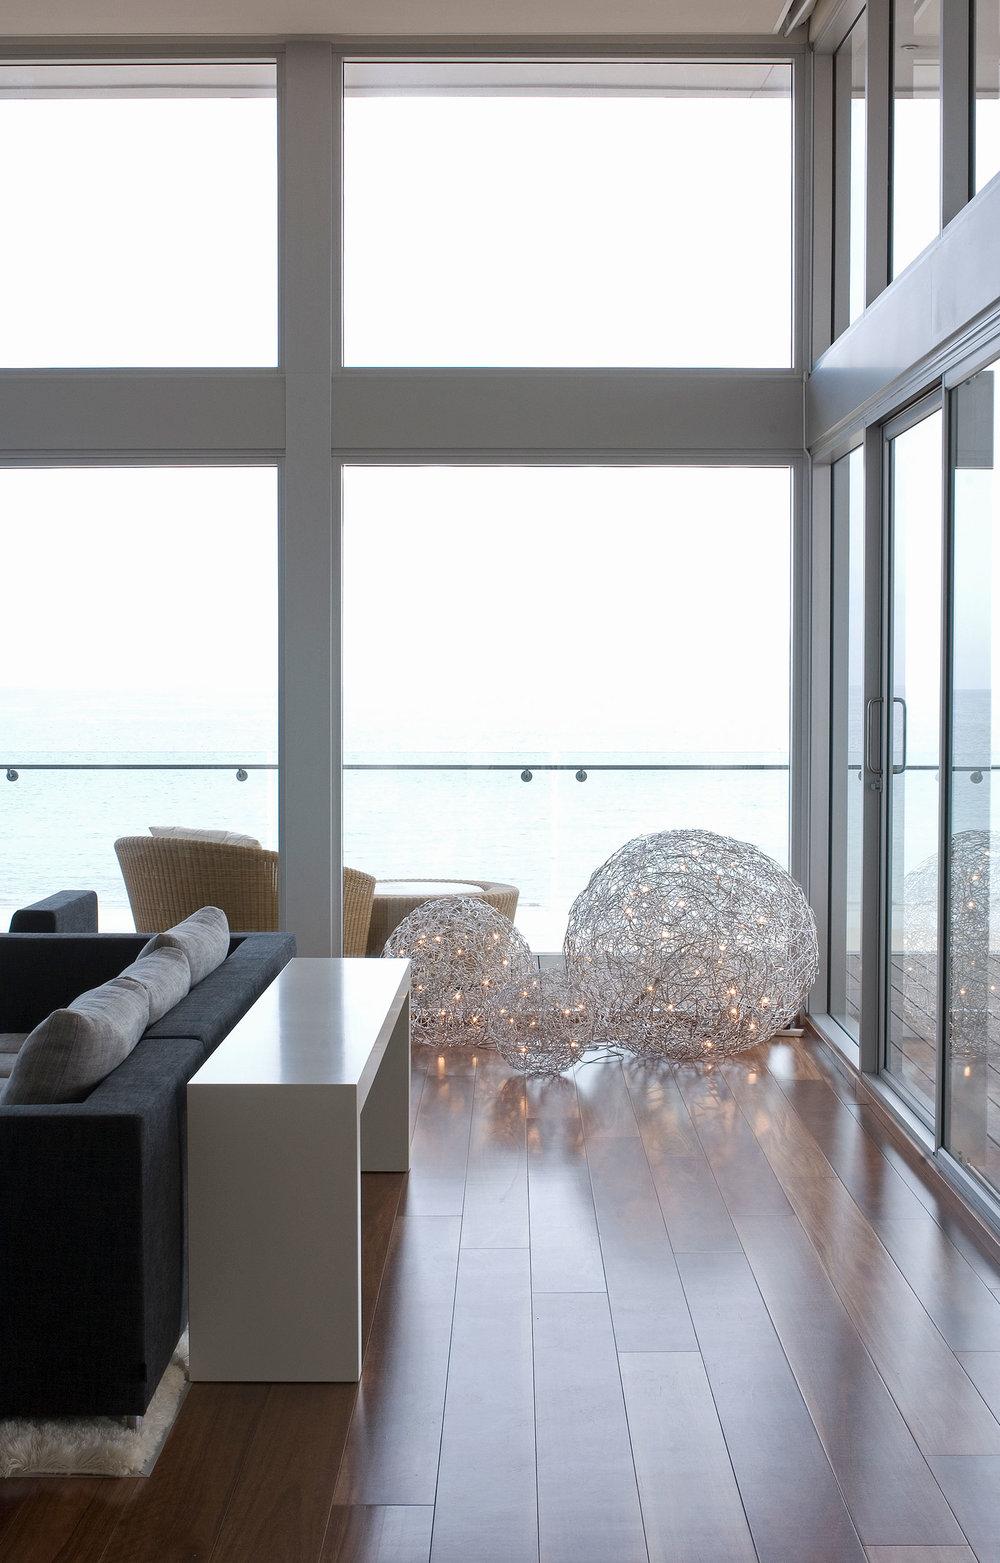 enoki-interior-beachhouse-5.jpg